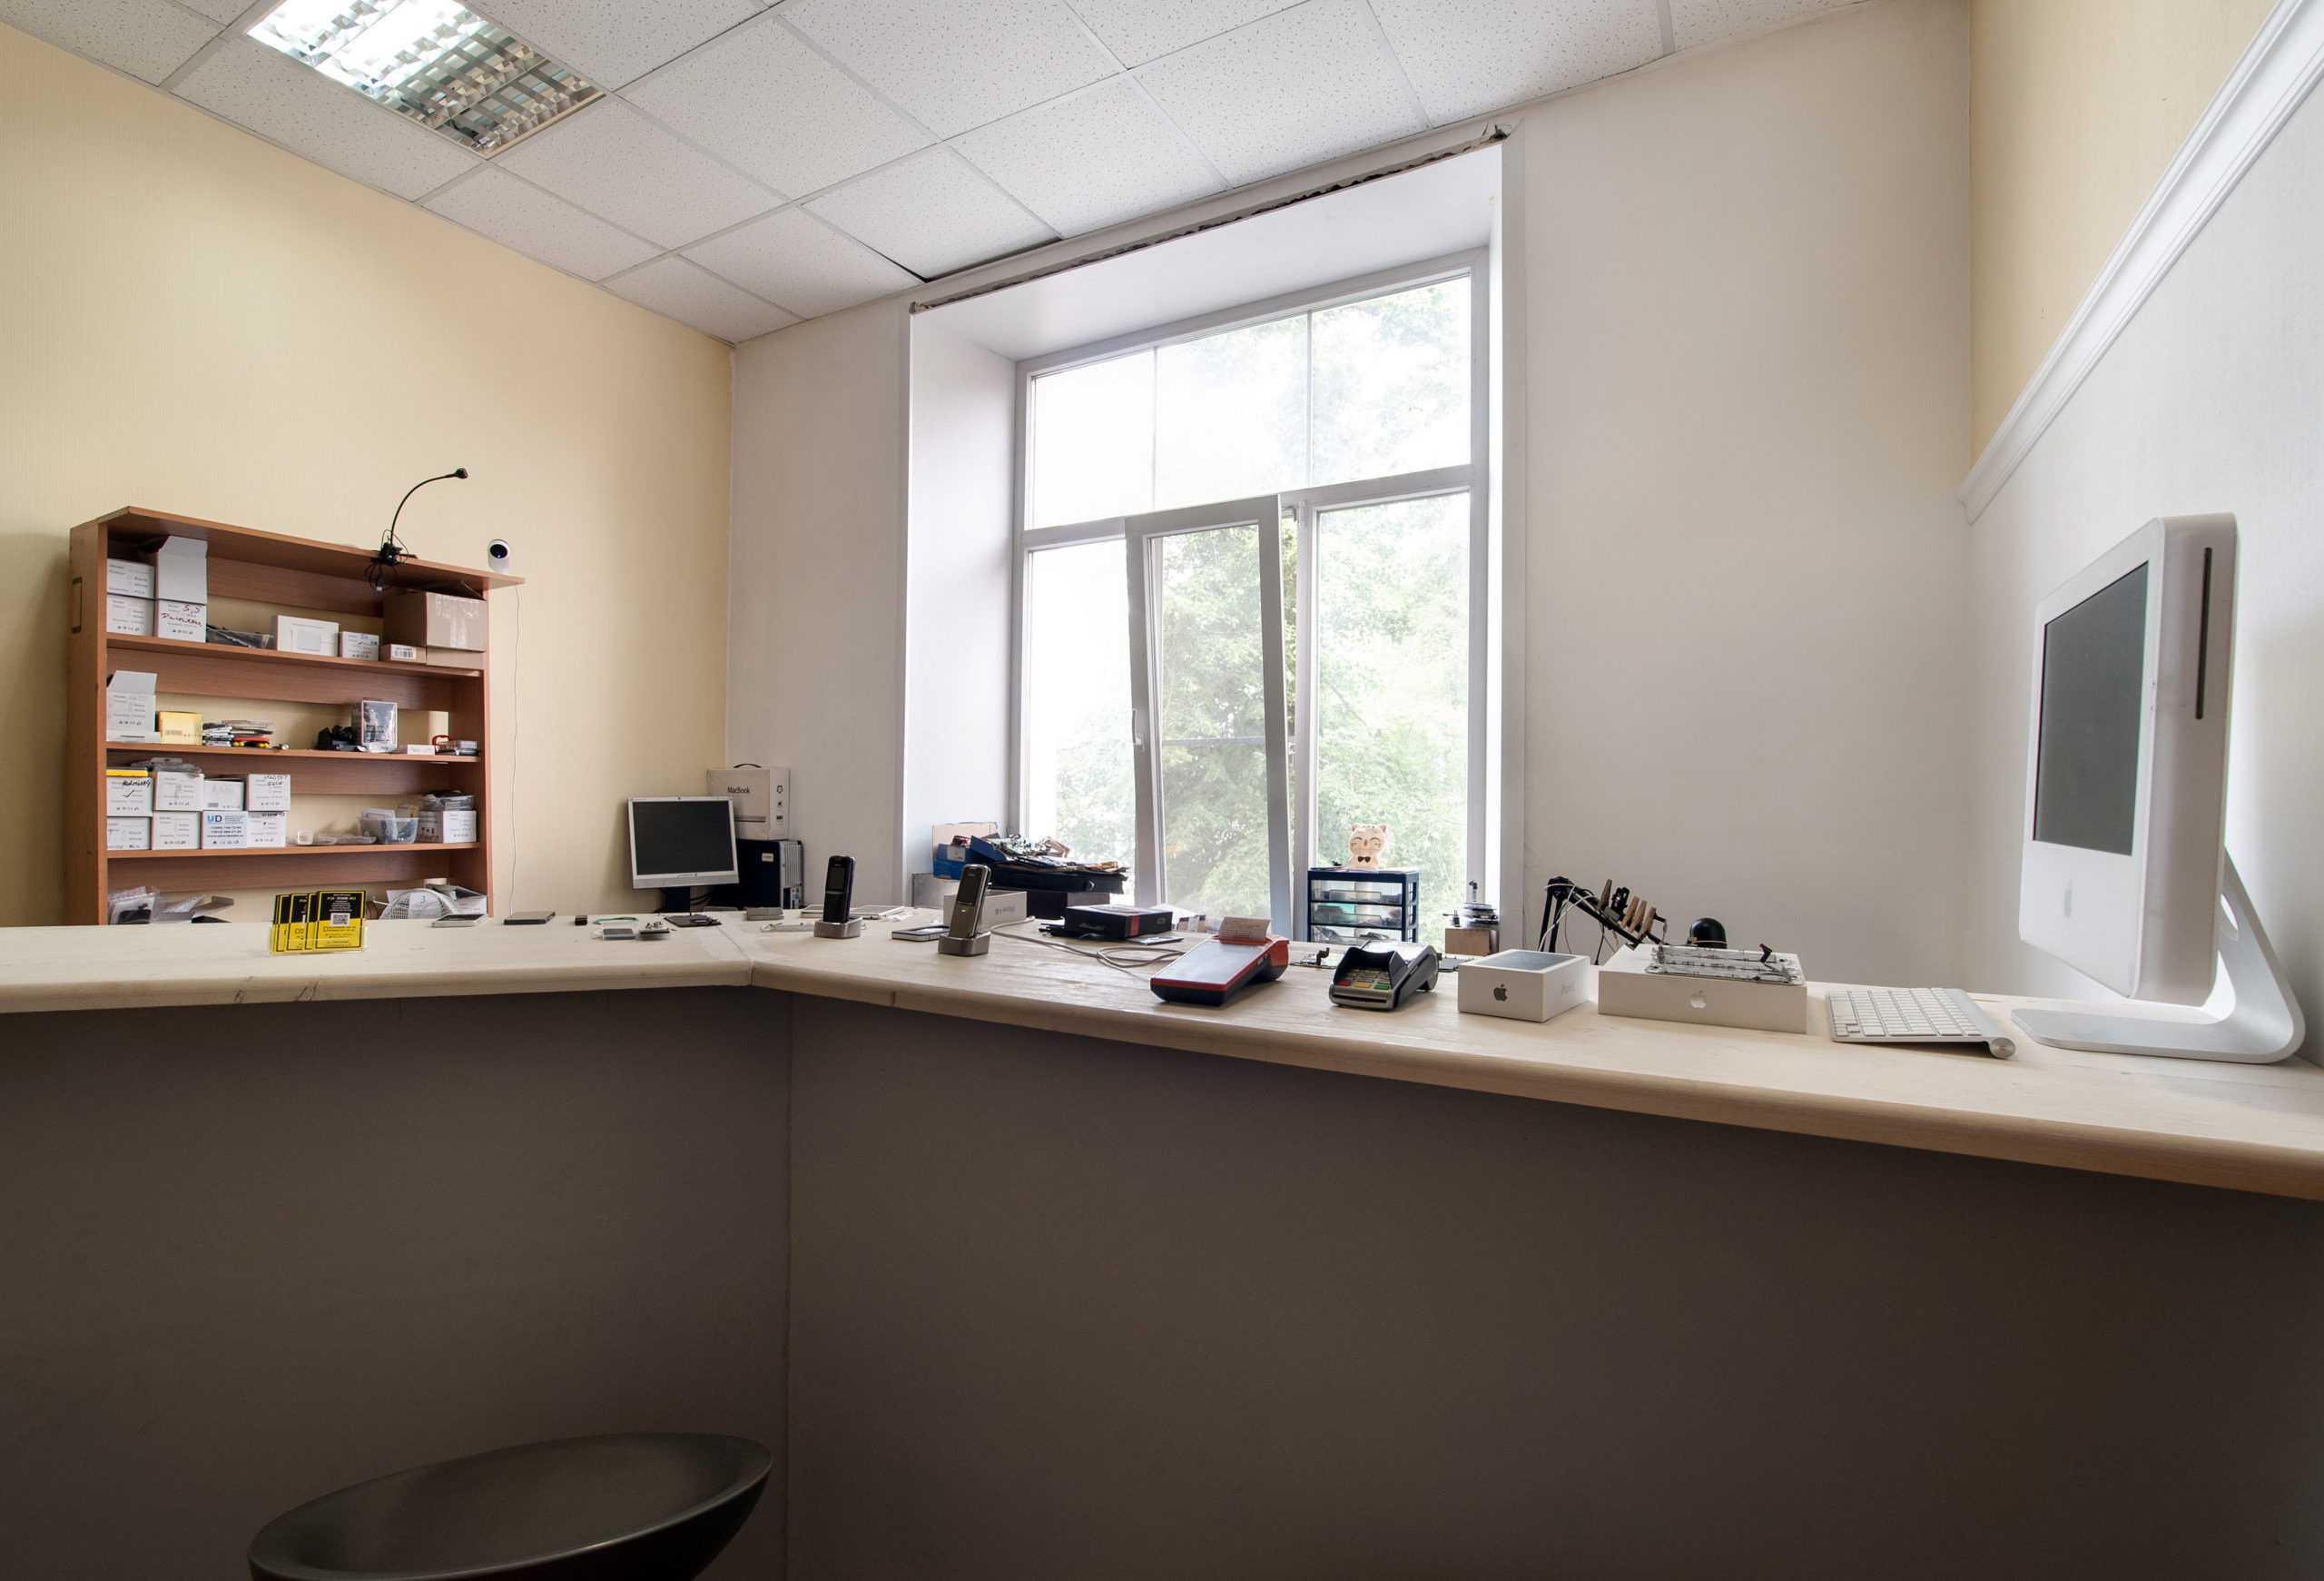 Ремонт принтеров и МФУ в Москве с адресами, отзывами и фото -